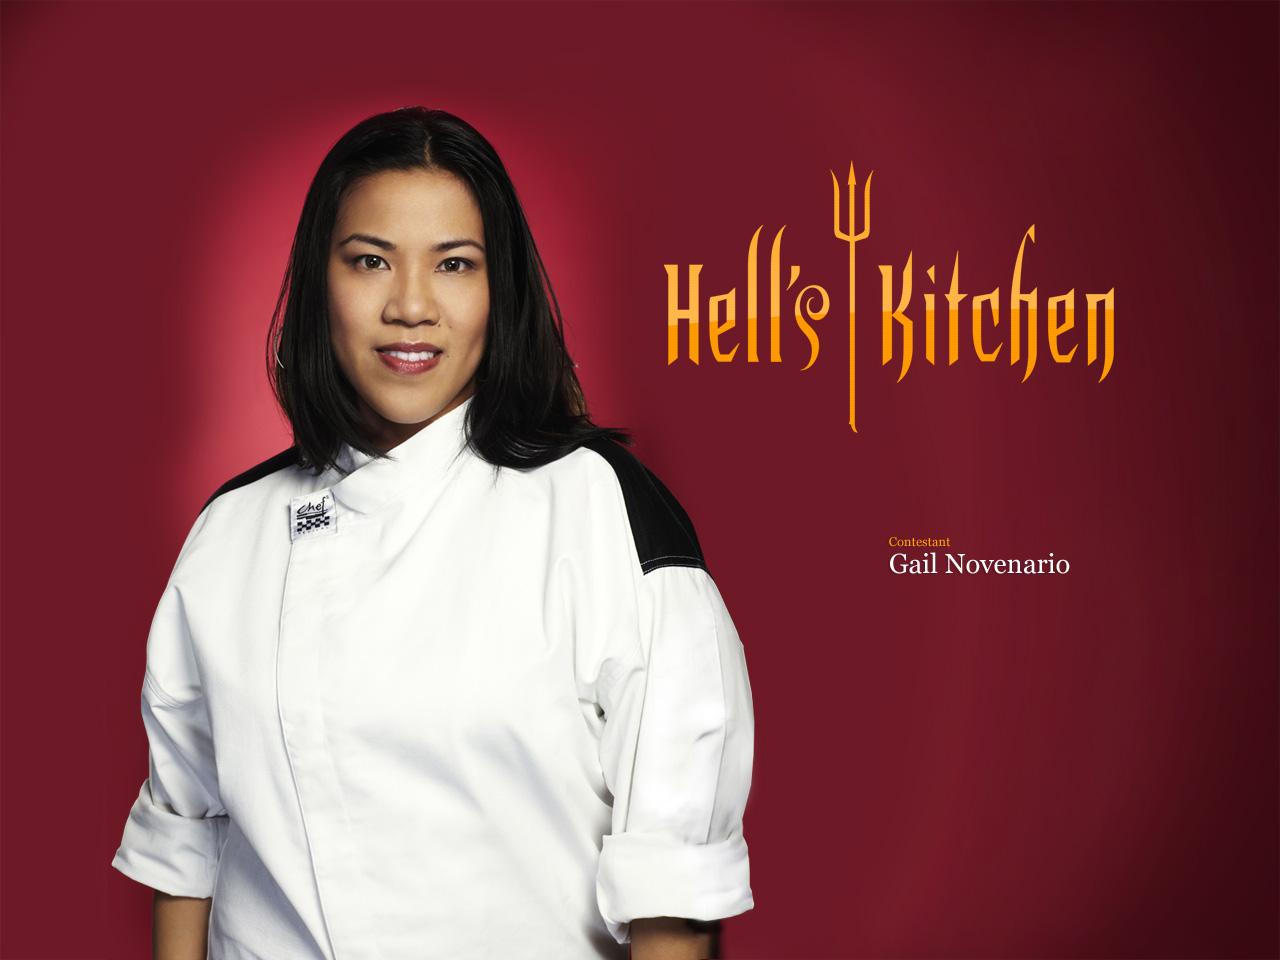 HK Gail